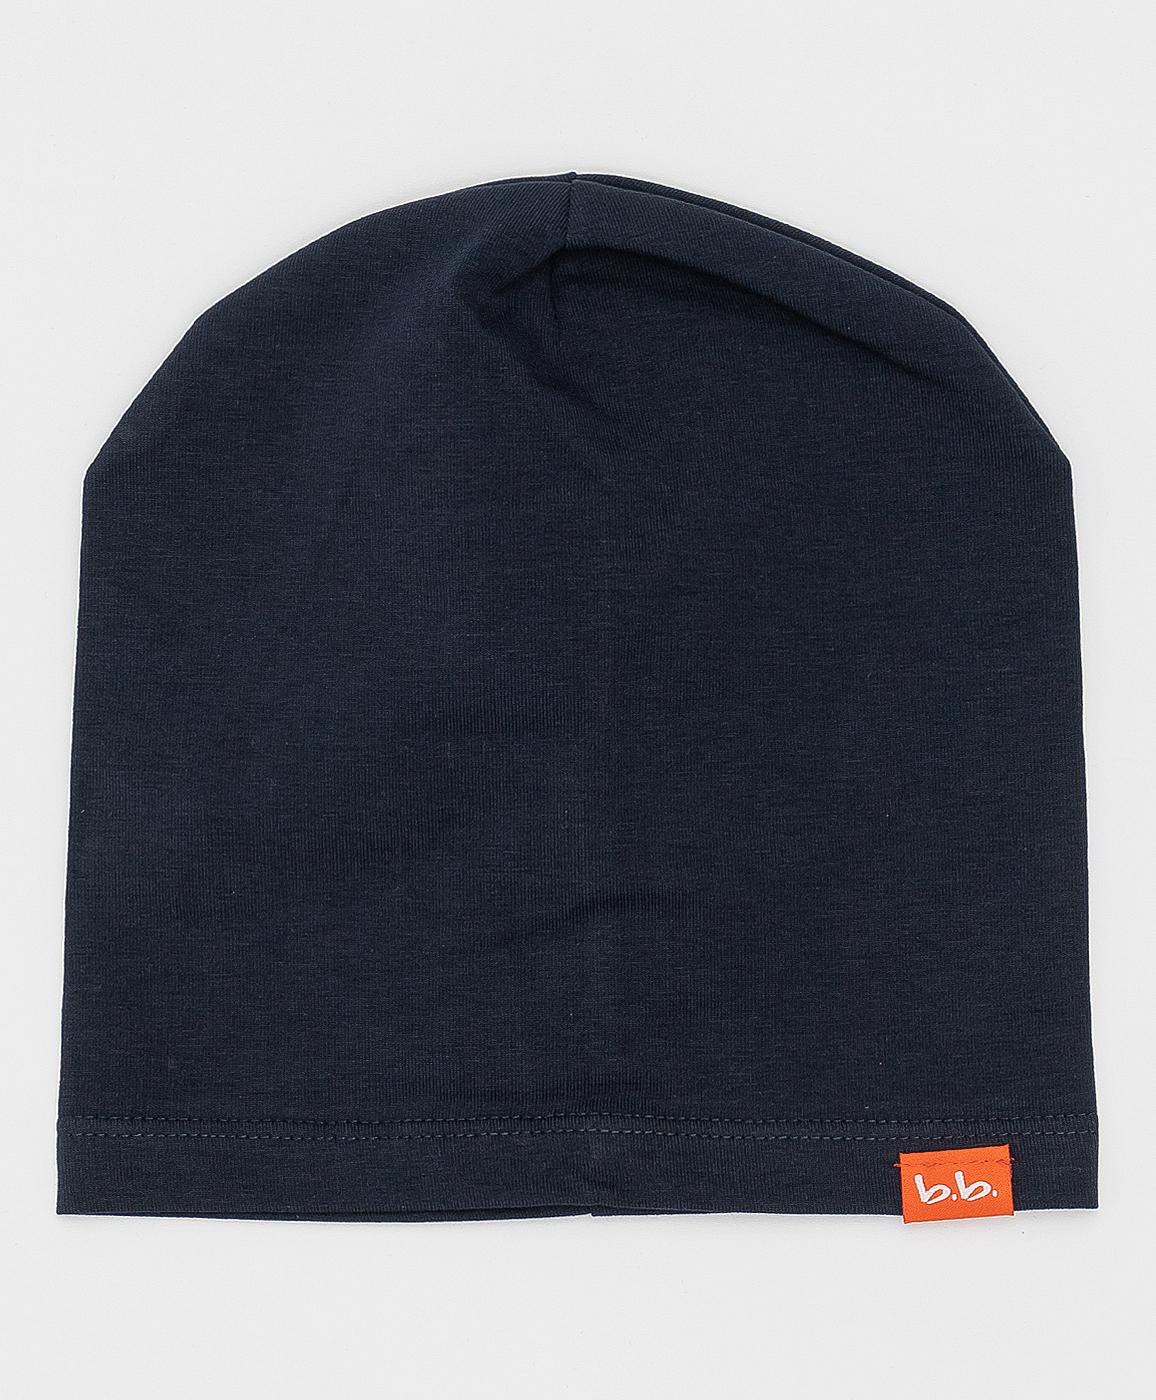 Купить 121BBBMX73020500, Зеленая шапка Button Blue, зеленый, Мужской, Весна, ВЕСНА/ЛЕТО 2021 (shop: GulliverMarket Gulliver Market)